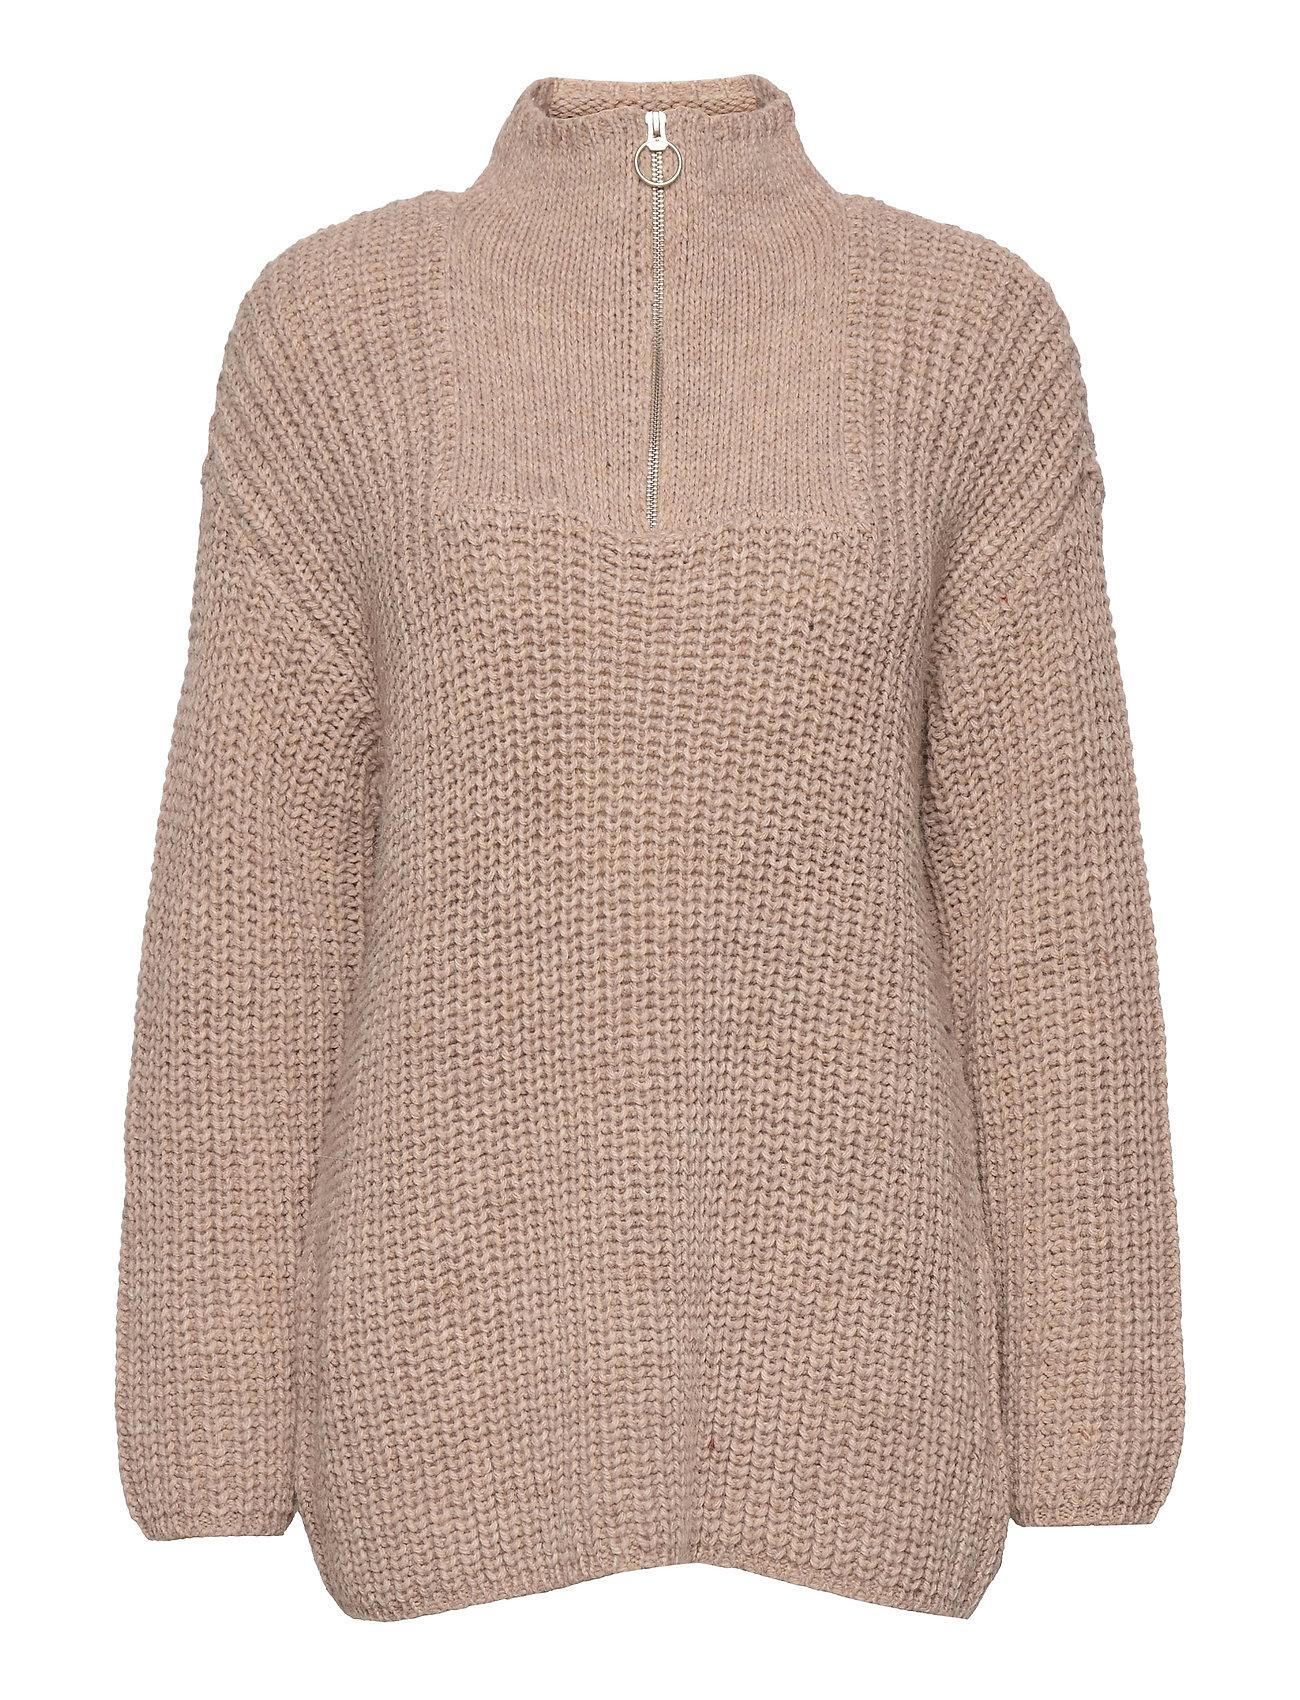 Objstella Highneck L/S Knit Pullover Rep Strikket Trøje Beige Object